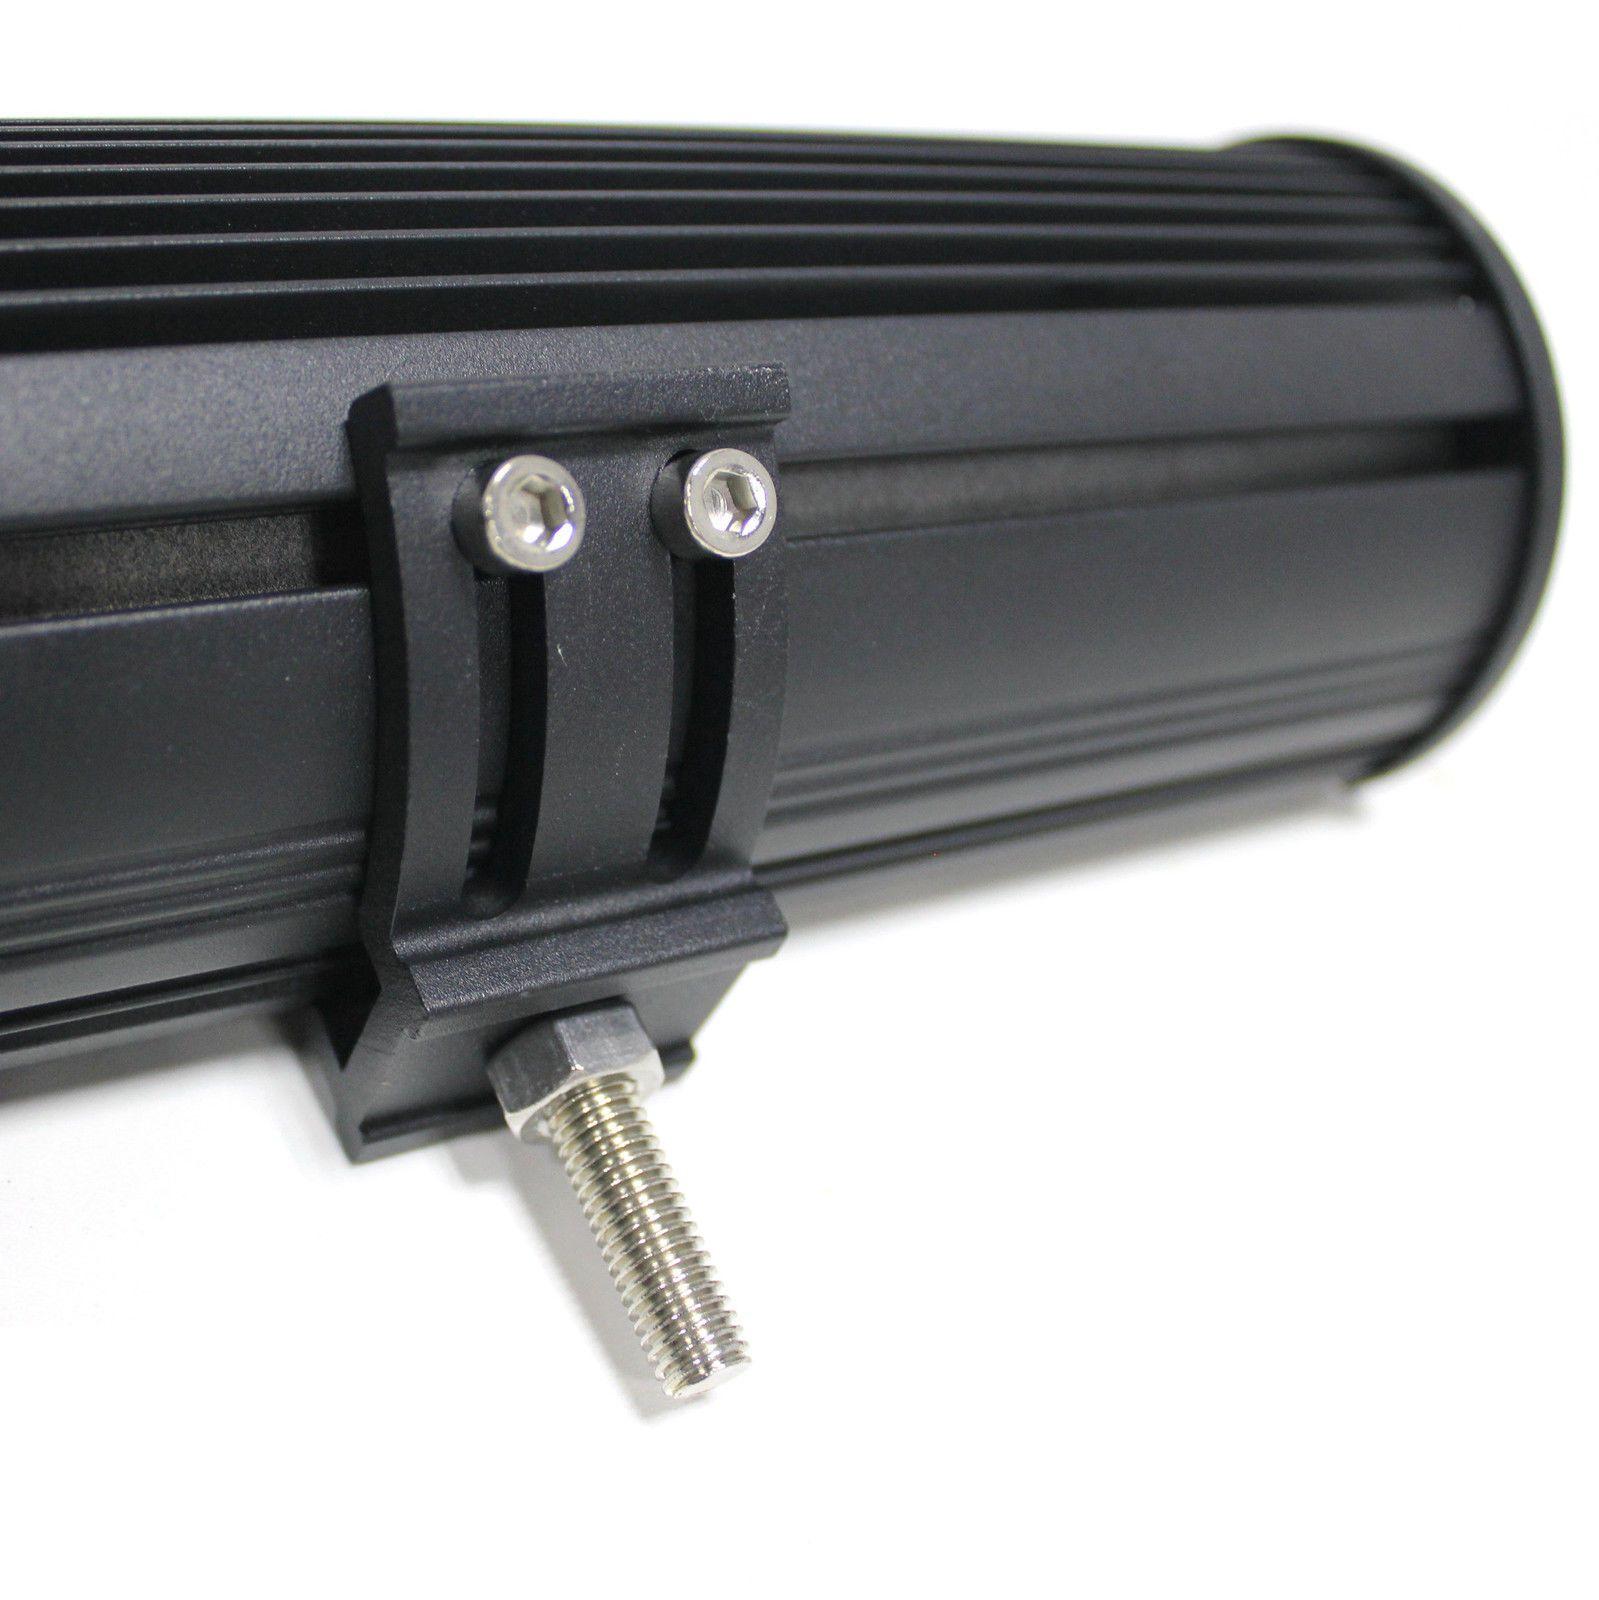 Osram 210W LED Light Bar 20 inch Offroad LED Bar Headlight Car LED Fog Lamp 12V 24V 4X4 ATV SUV Driving Truck Bars